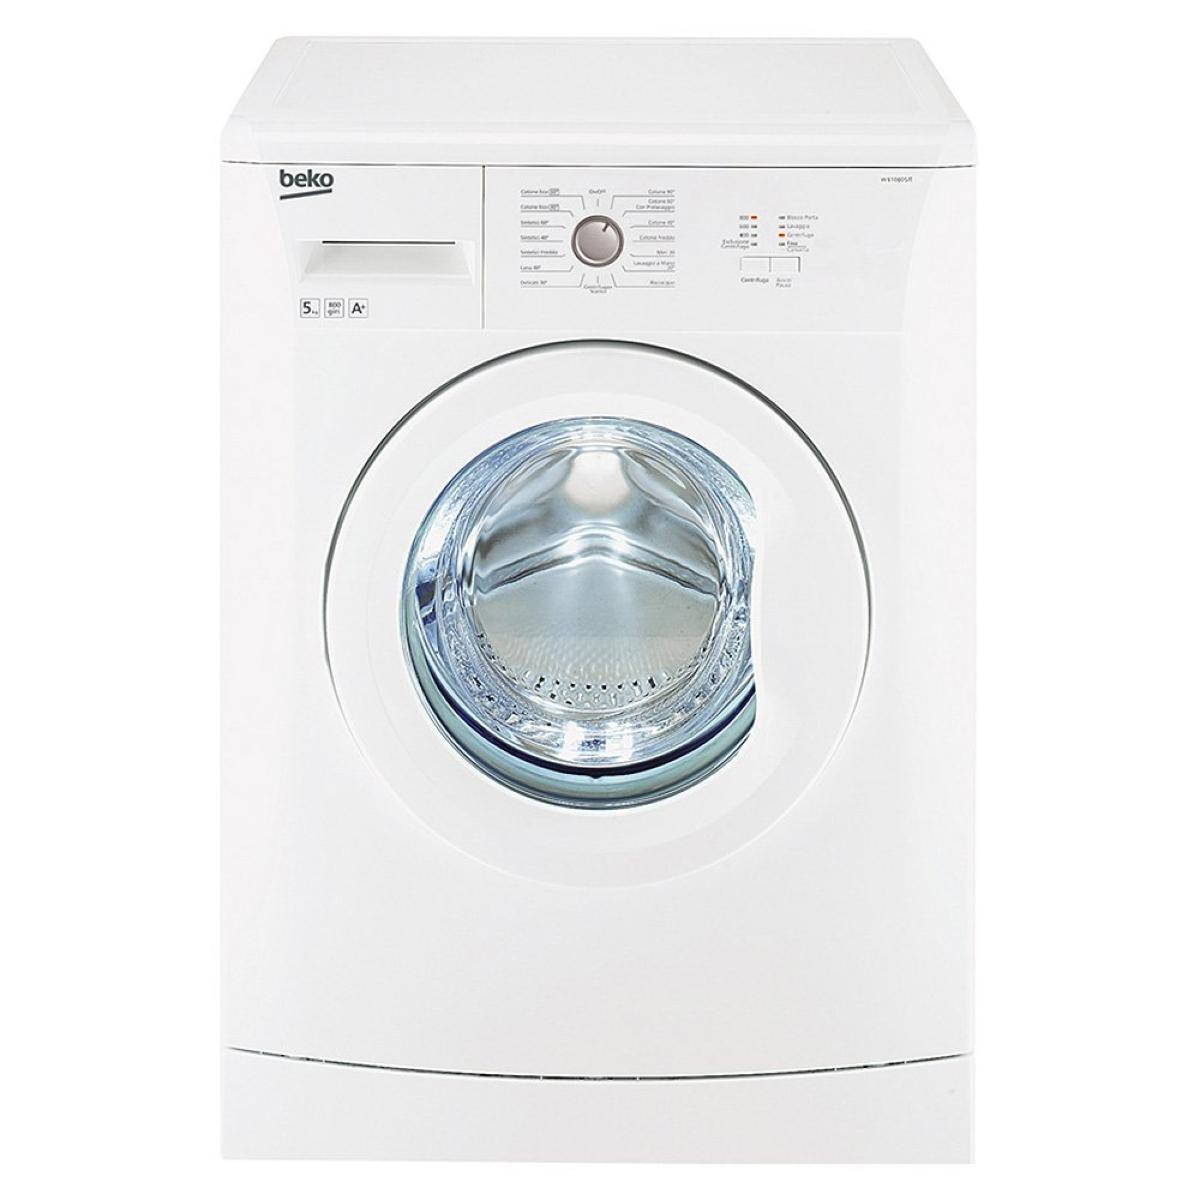 Quale lavatrice scegliere, beko WB 10805 IT